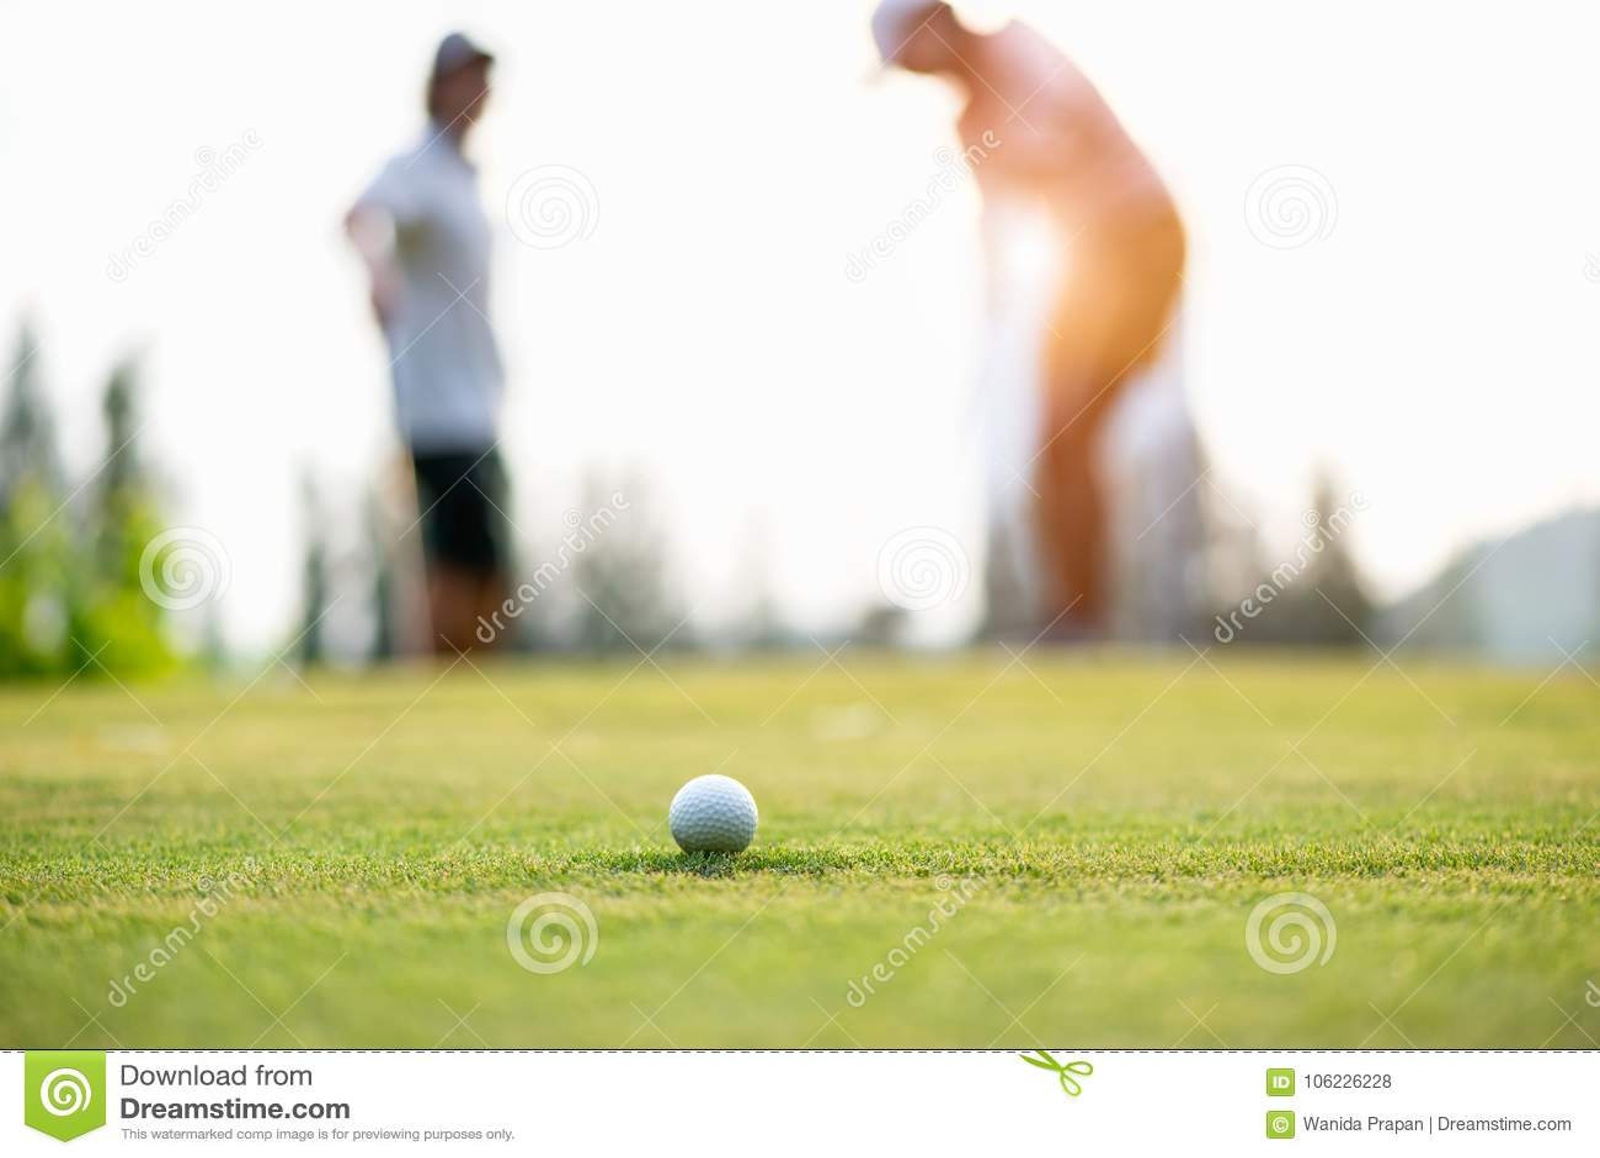 Approccio della palla da golf alla tenuta sul verde Coppia il giocatore di golf che mette la palla da golf nei precedenti